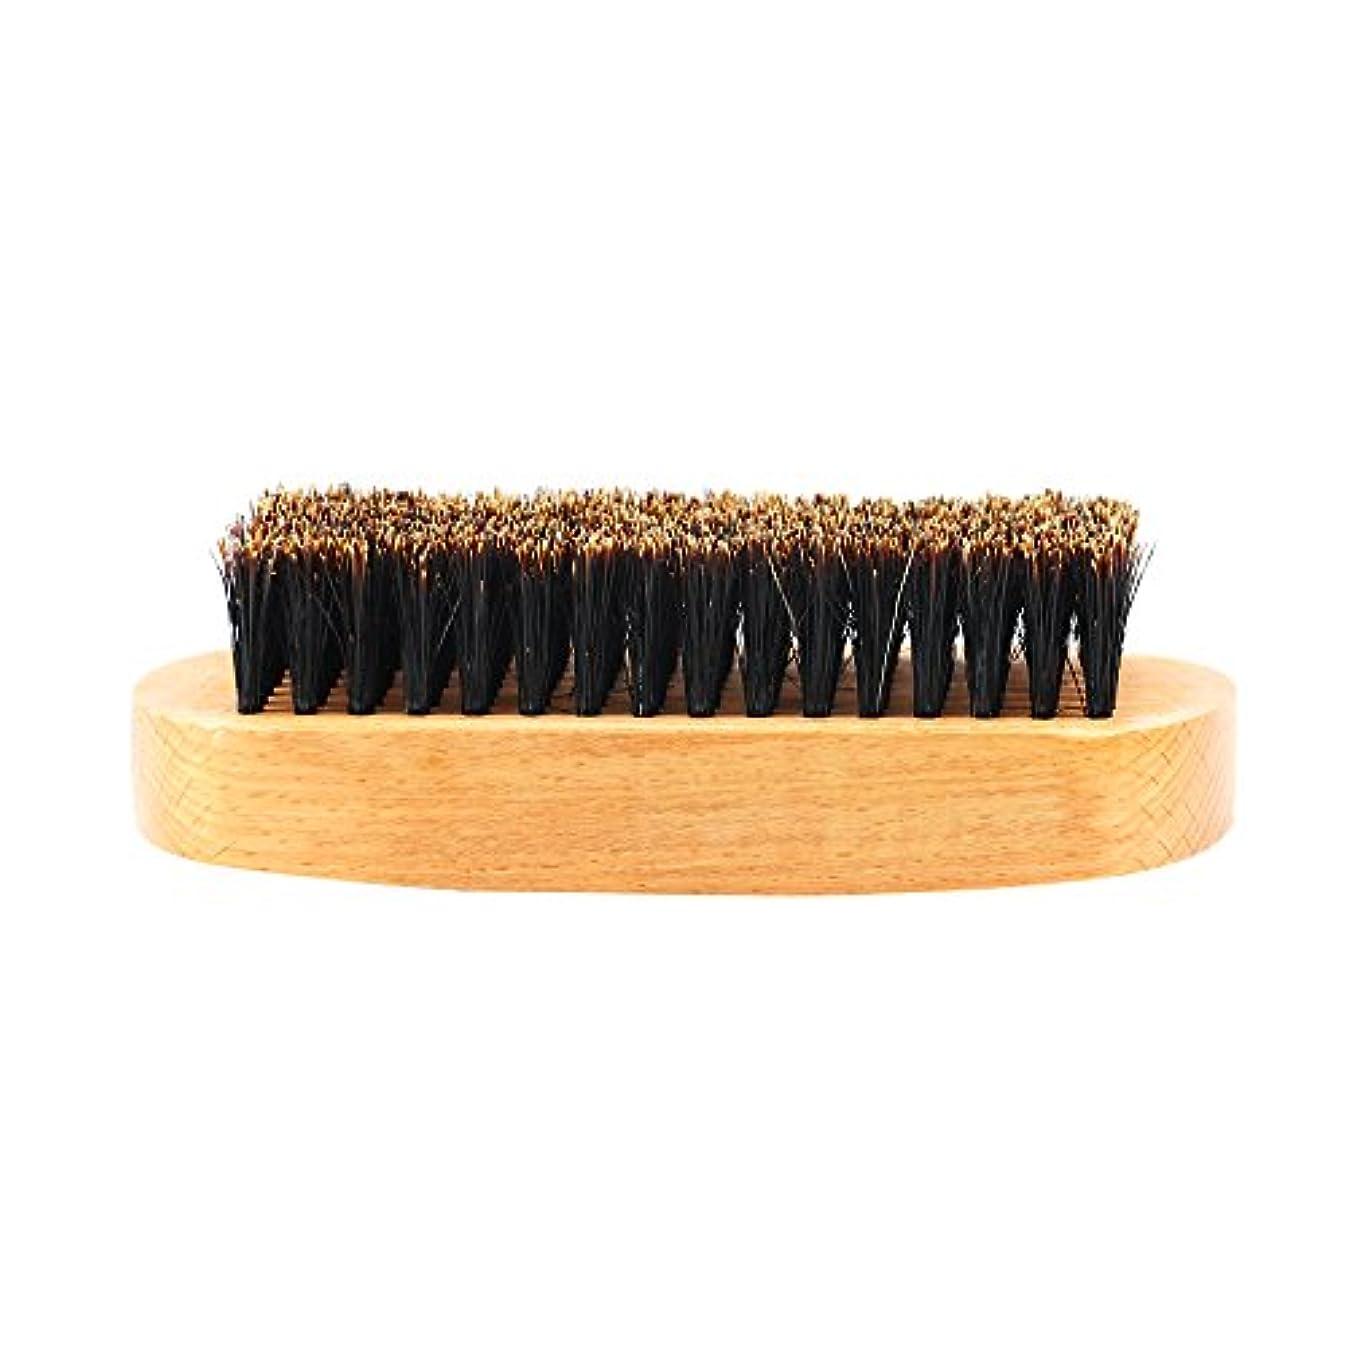 勝利した床枯渇するビュアブラシ 髭ブラシ 豚毛 ひげそりブラシ ひげ剃り ひげ髭 ひげ ヘアケア 櫛 2タイプ選べる - #1